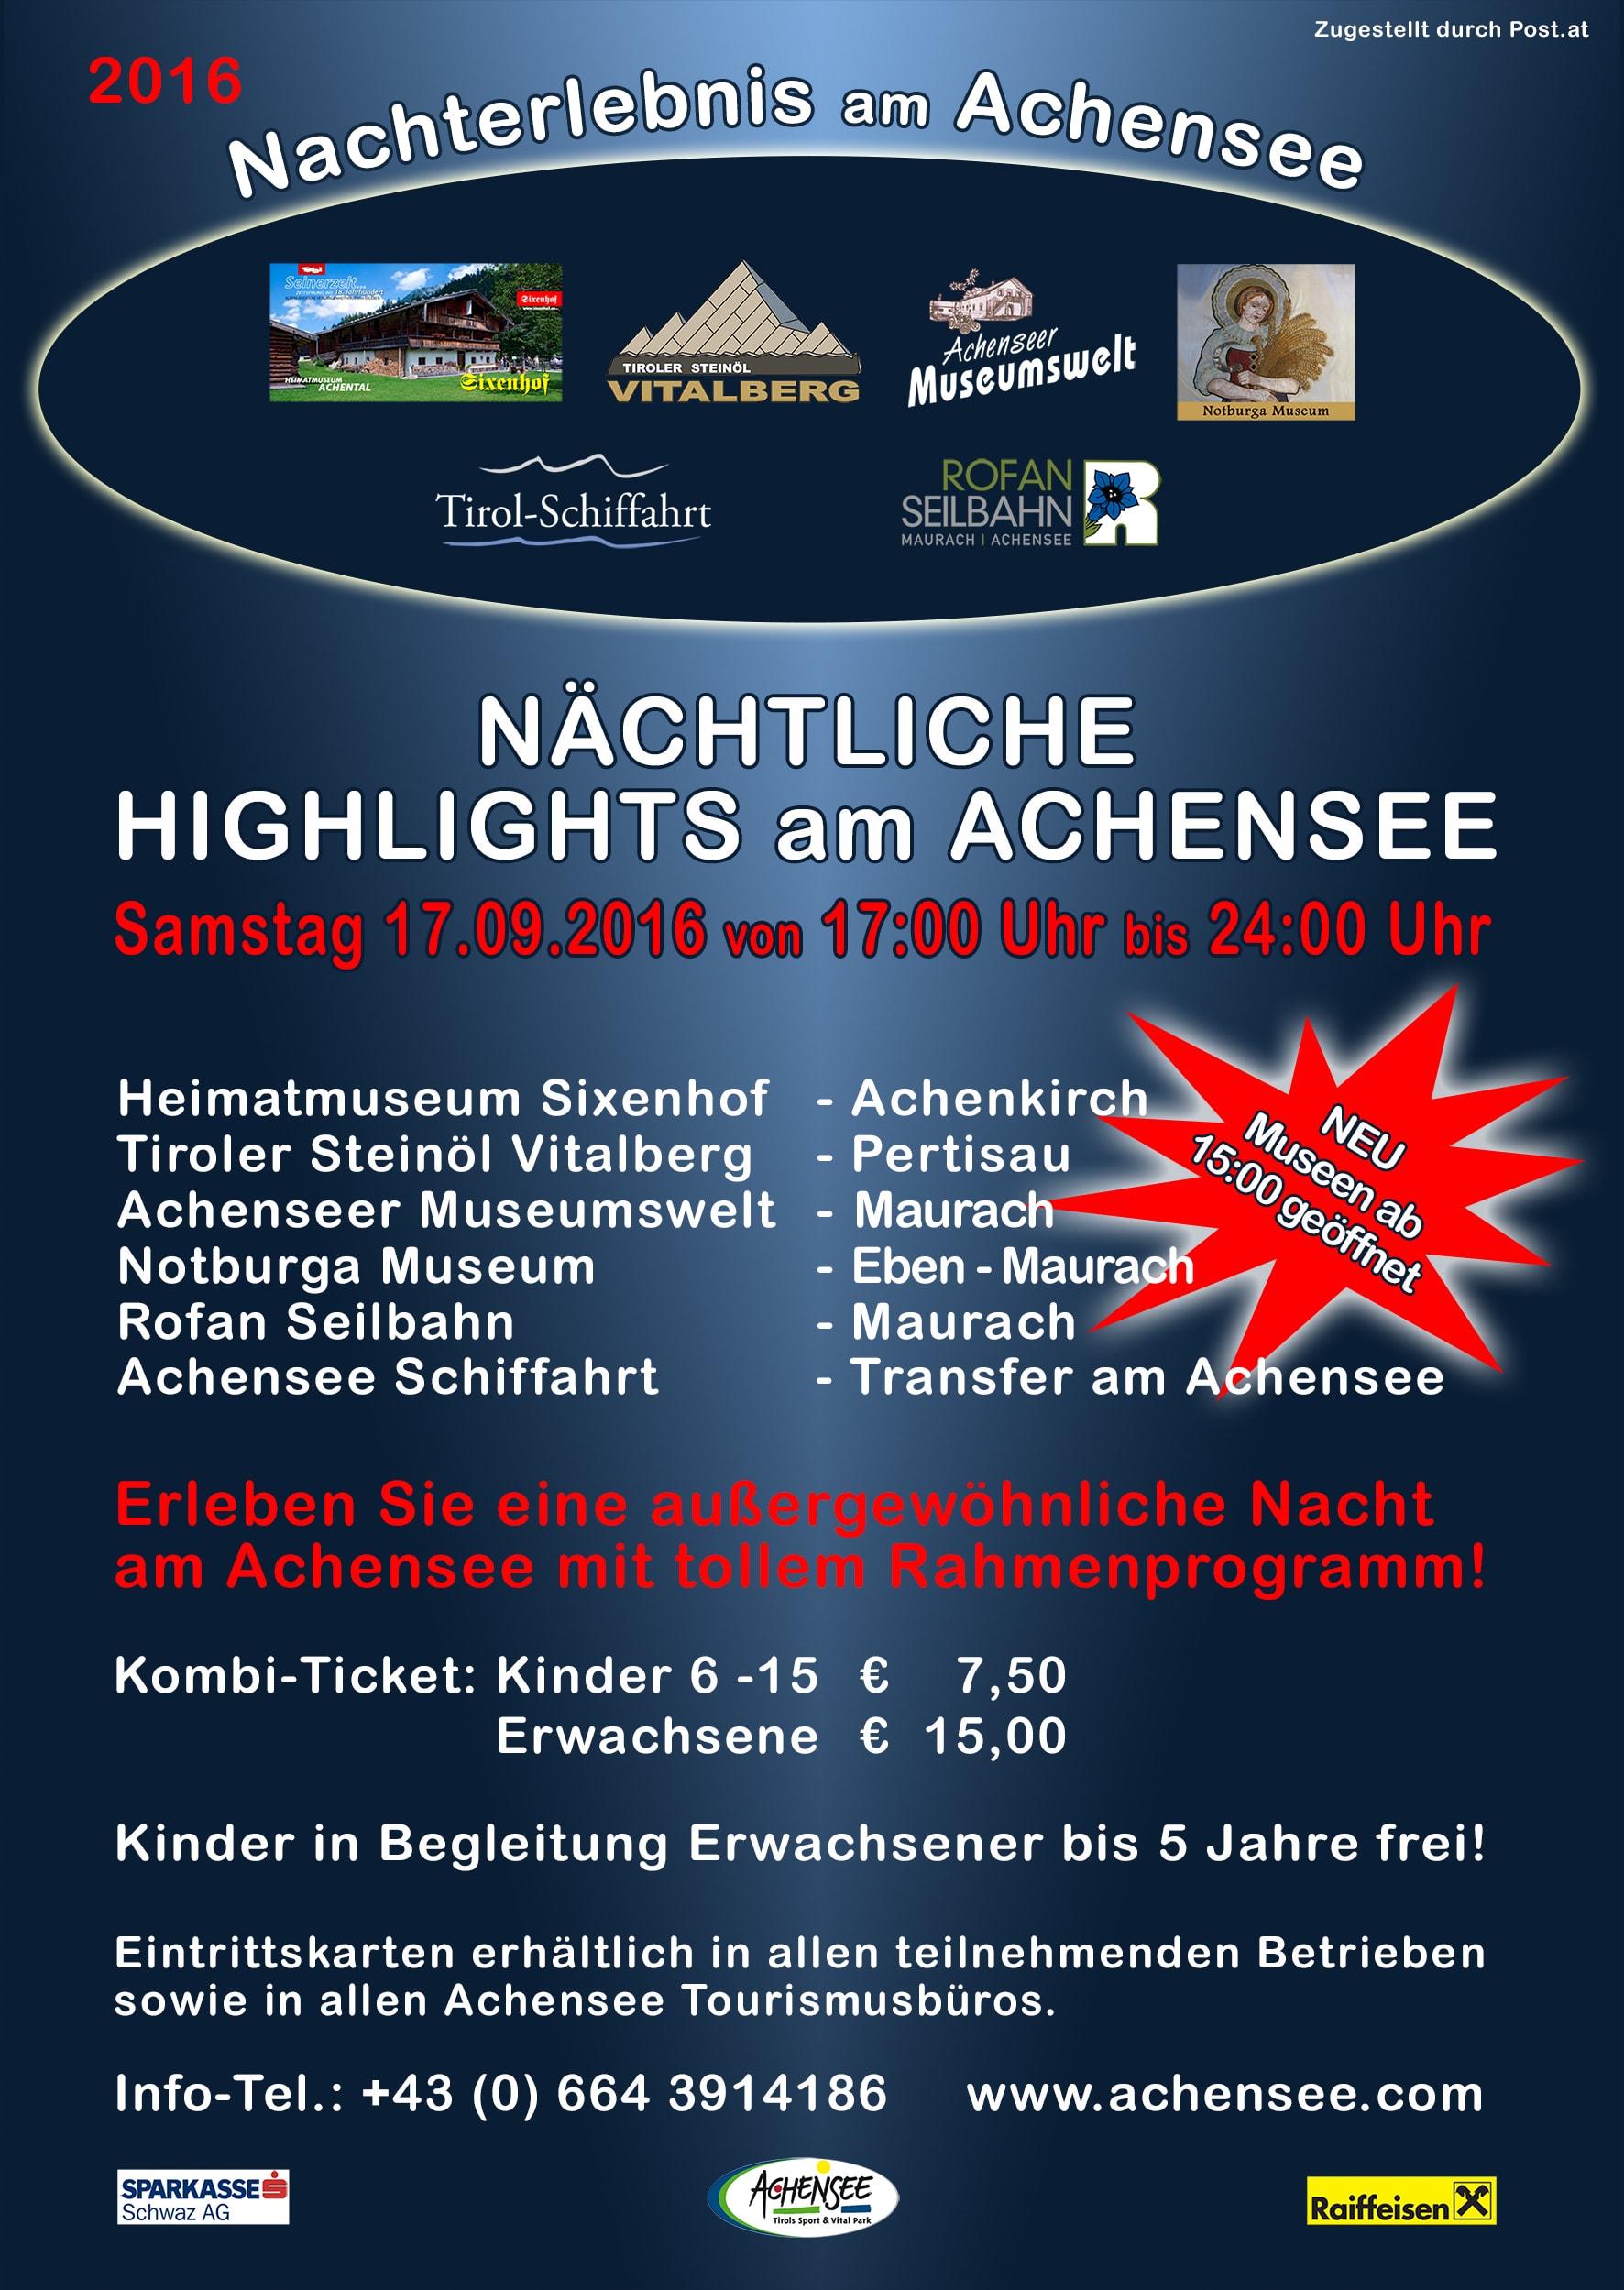 Nachterlebnis am Achensee A5 Flyer vorne 2016